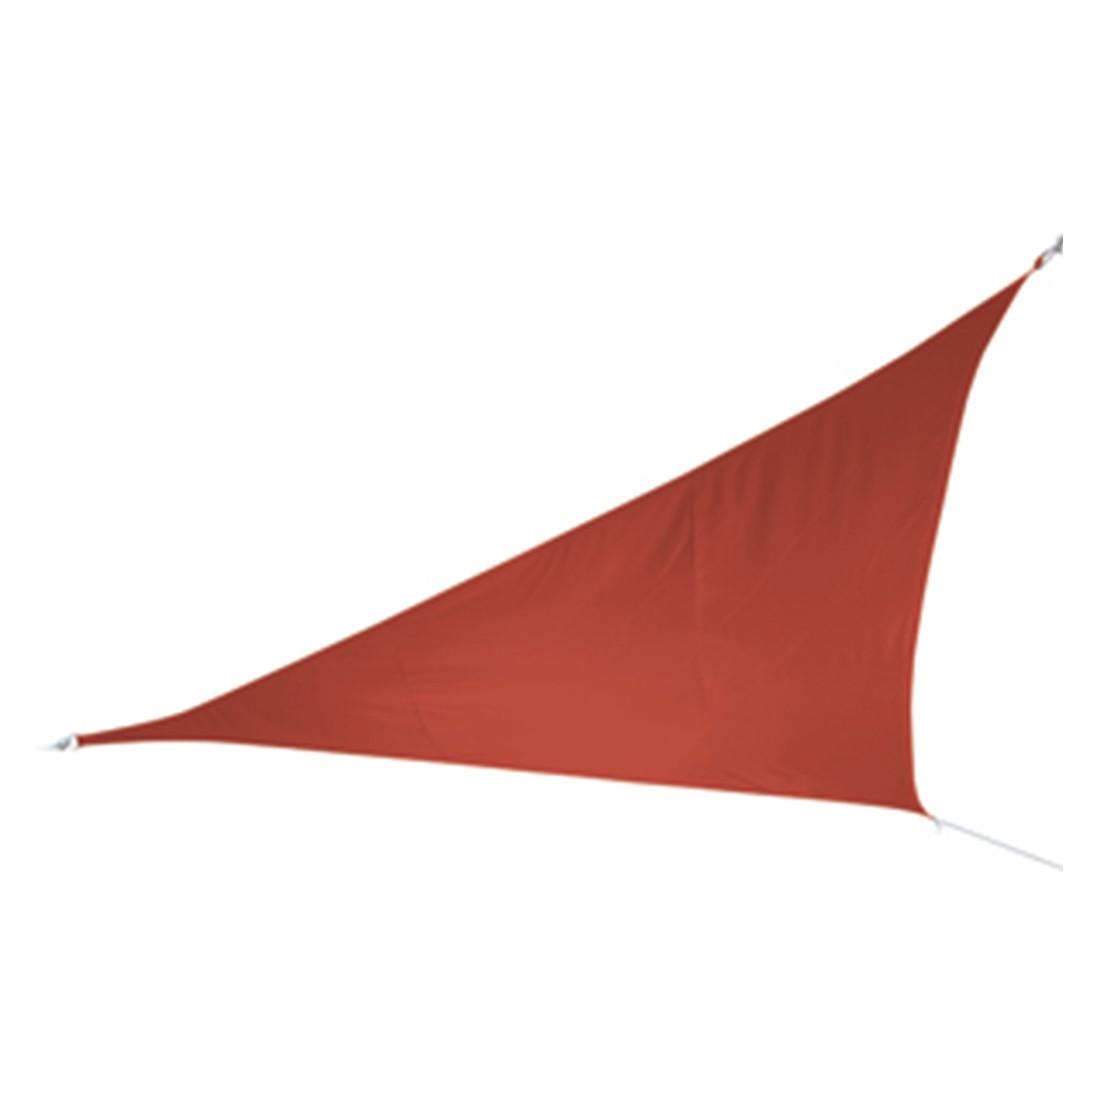 Sonnensegel - Polyester - Terracotta - 360 x 360 x 360, Doppler